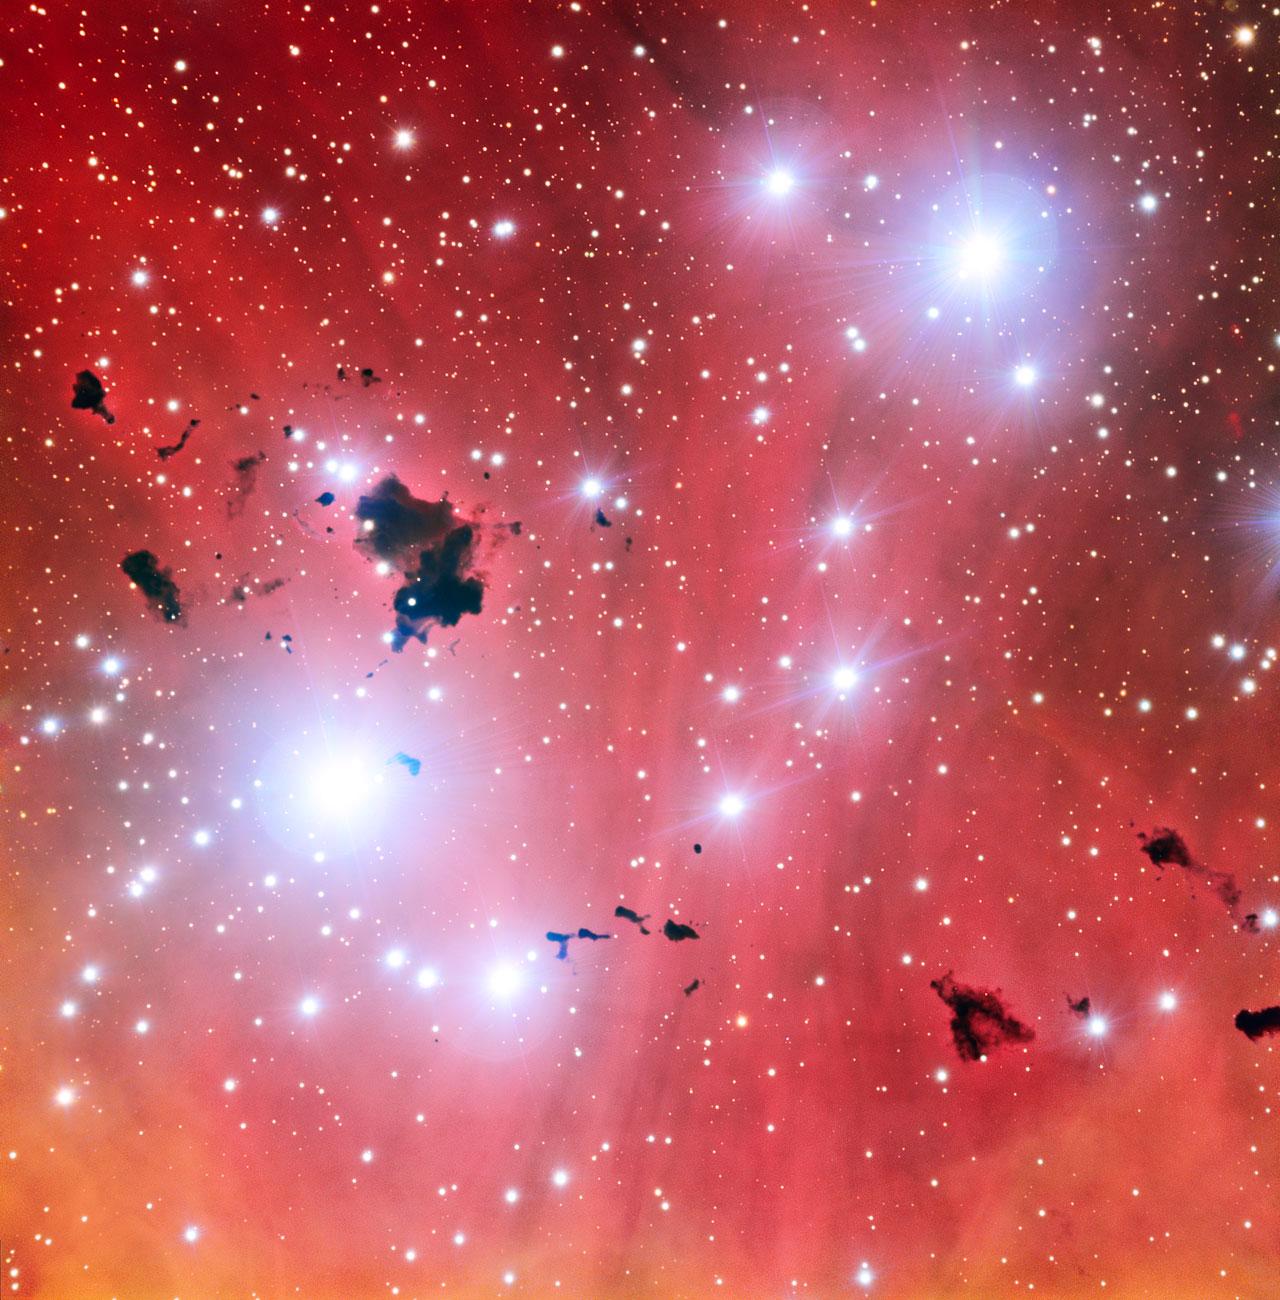 Astrónomos reciben señales de radio repetitivas desde millones de años luz de distancia